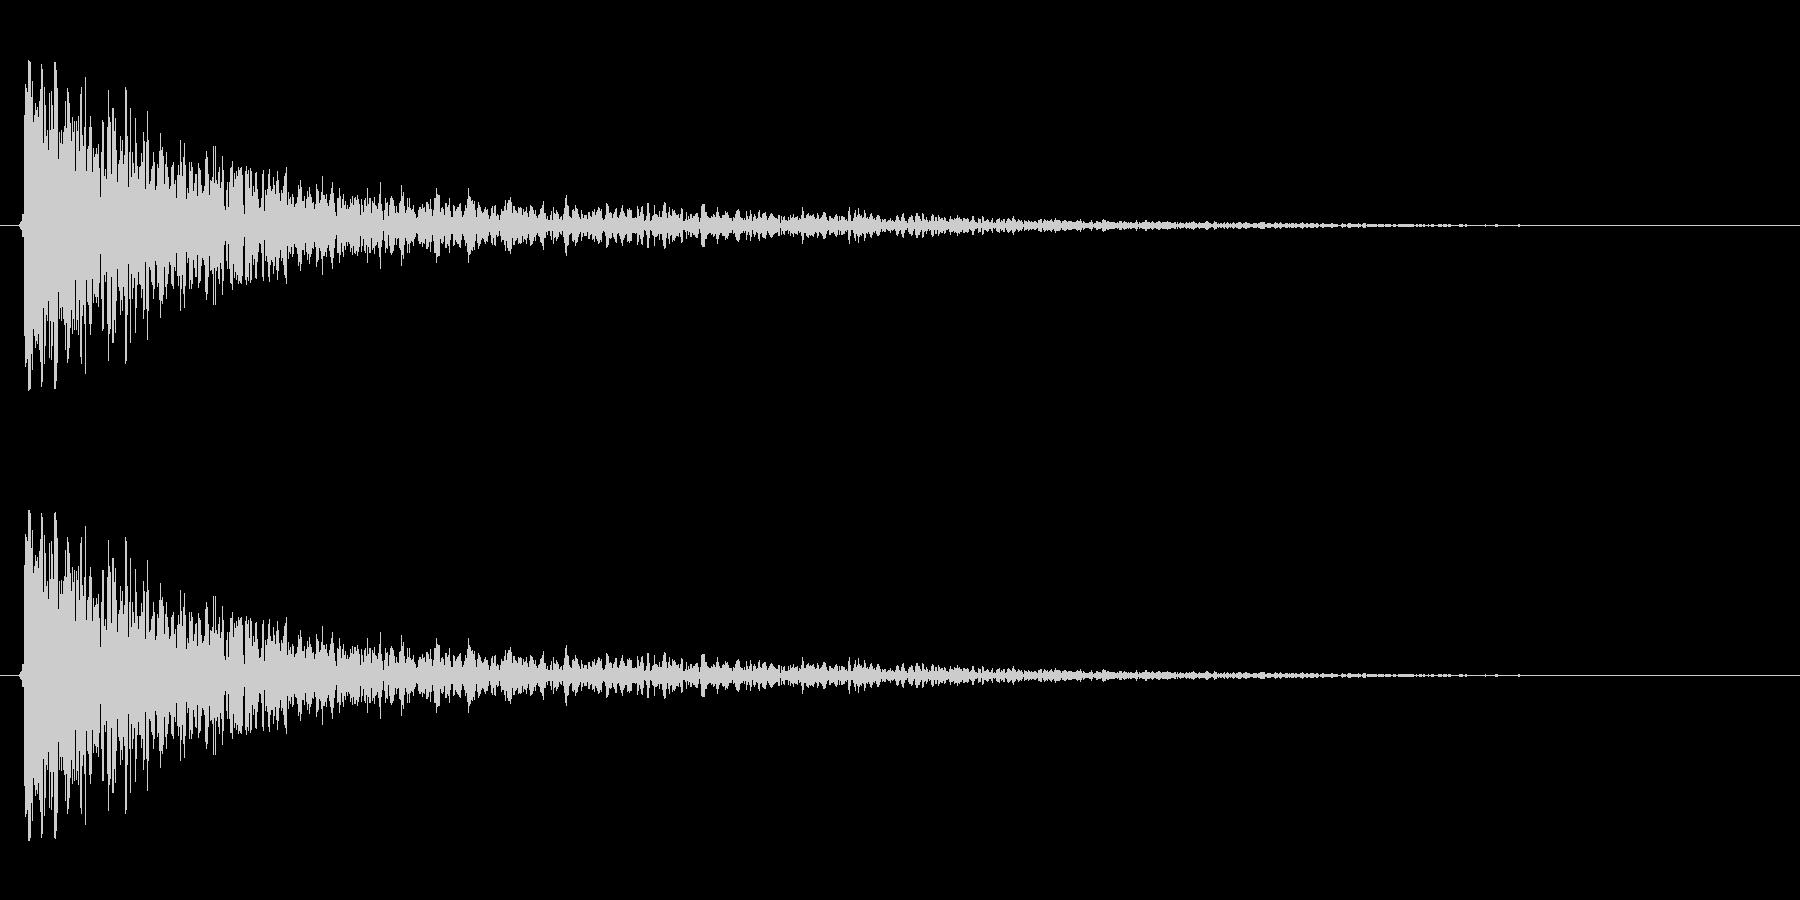 【衝撃05-1】の未再生の波形